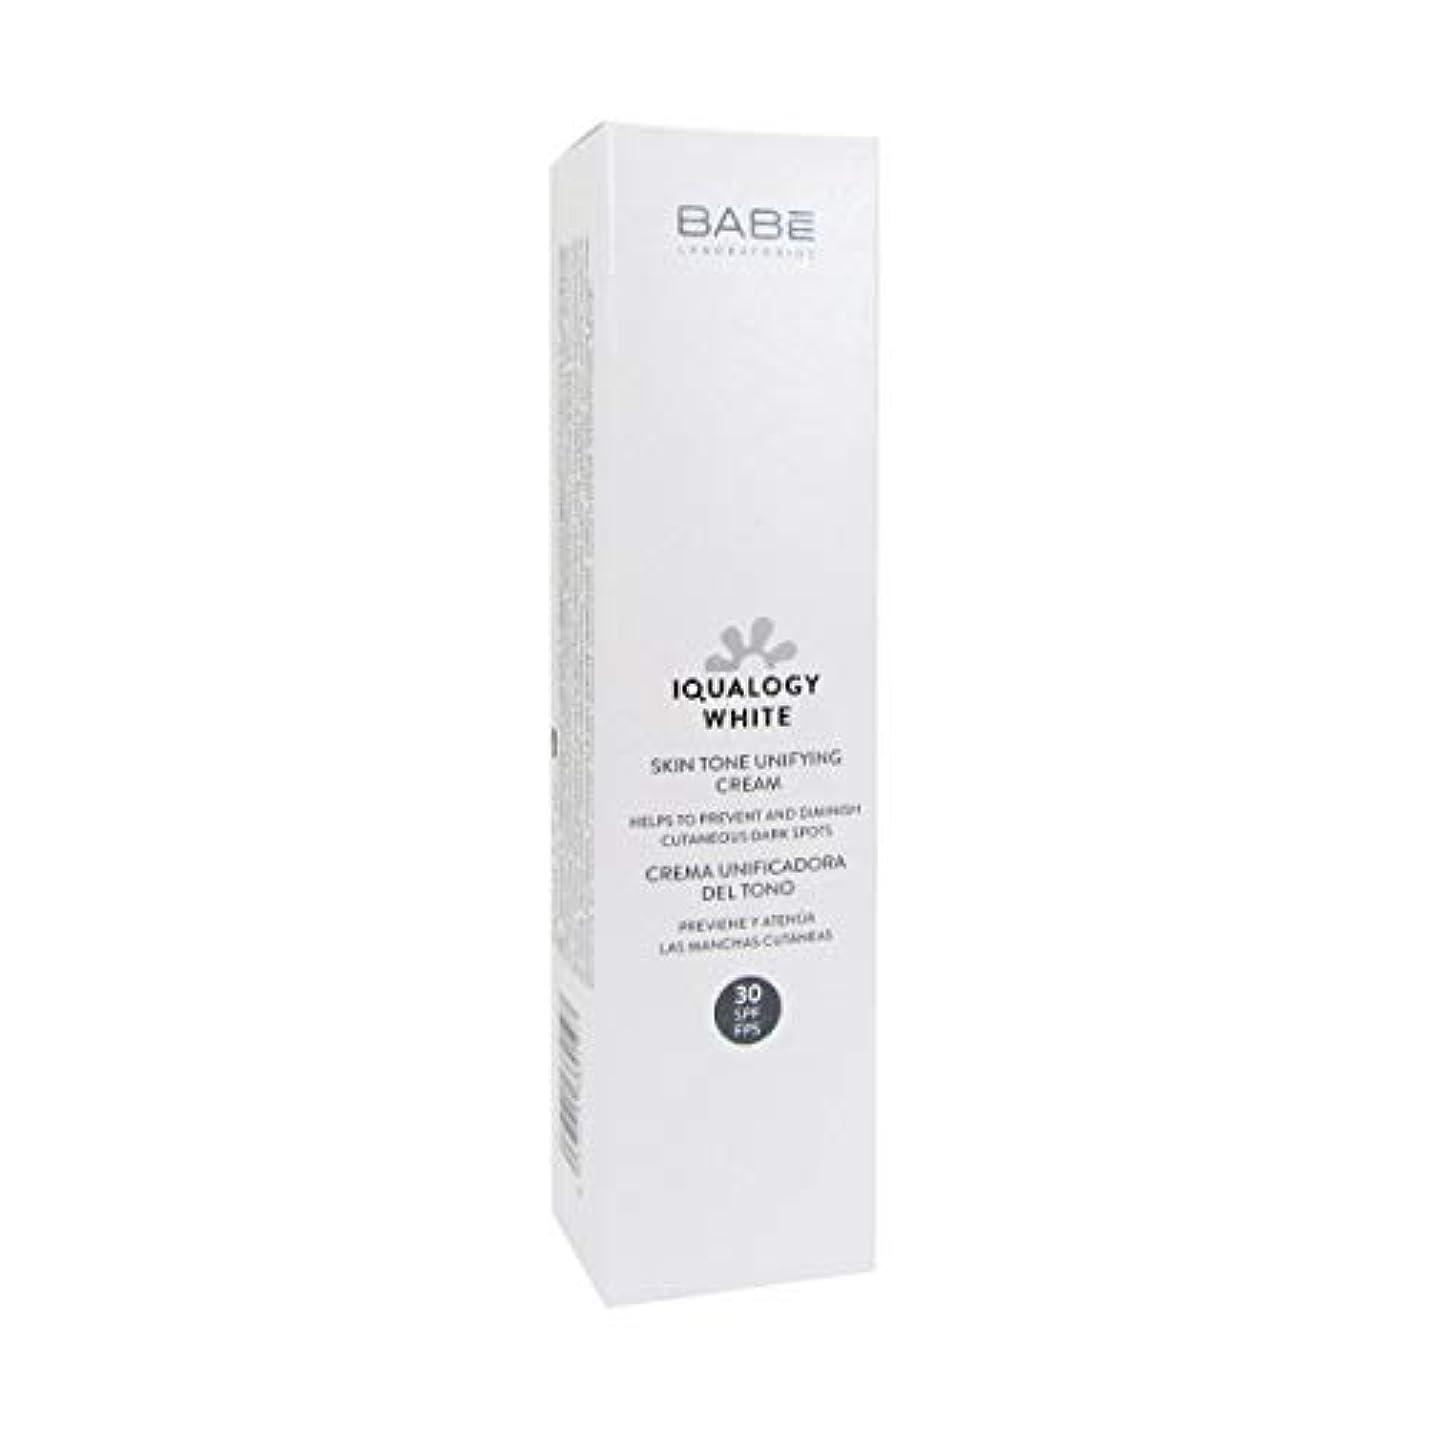 共和国戸口寛大さBab Iqualogy White Cream Spf30 50ml [並行輸入品]